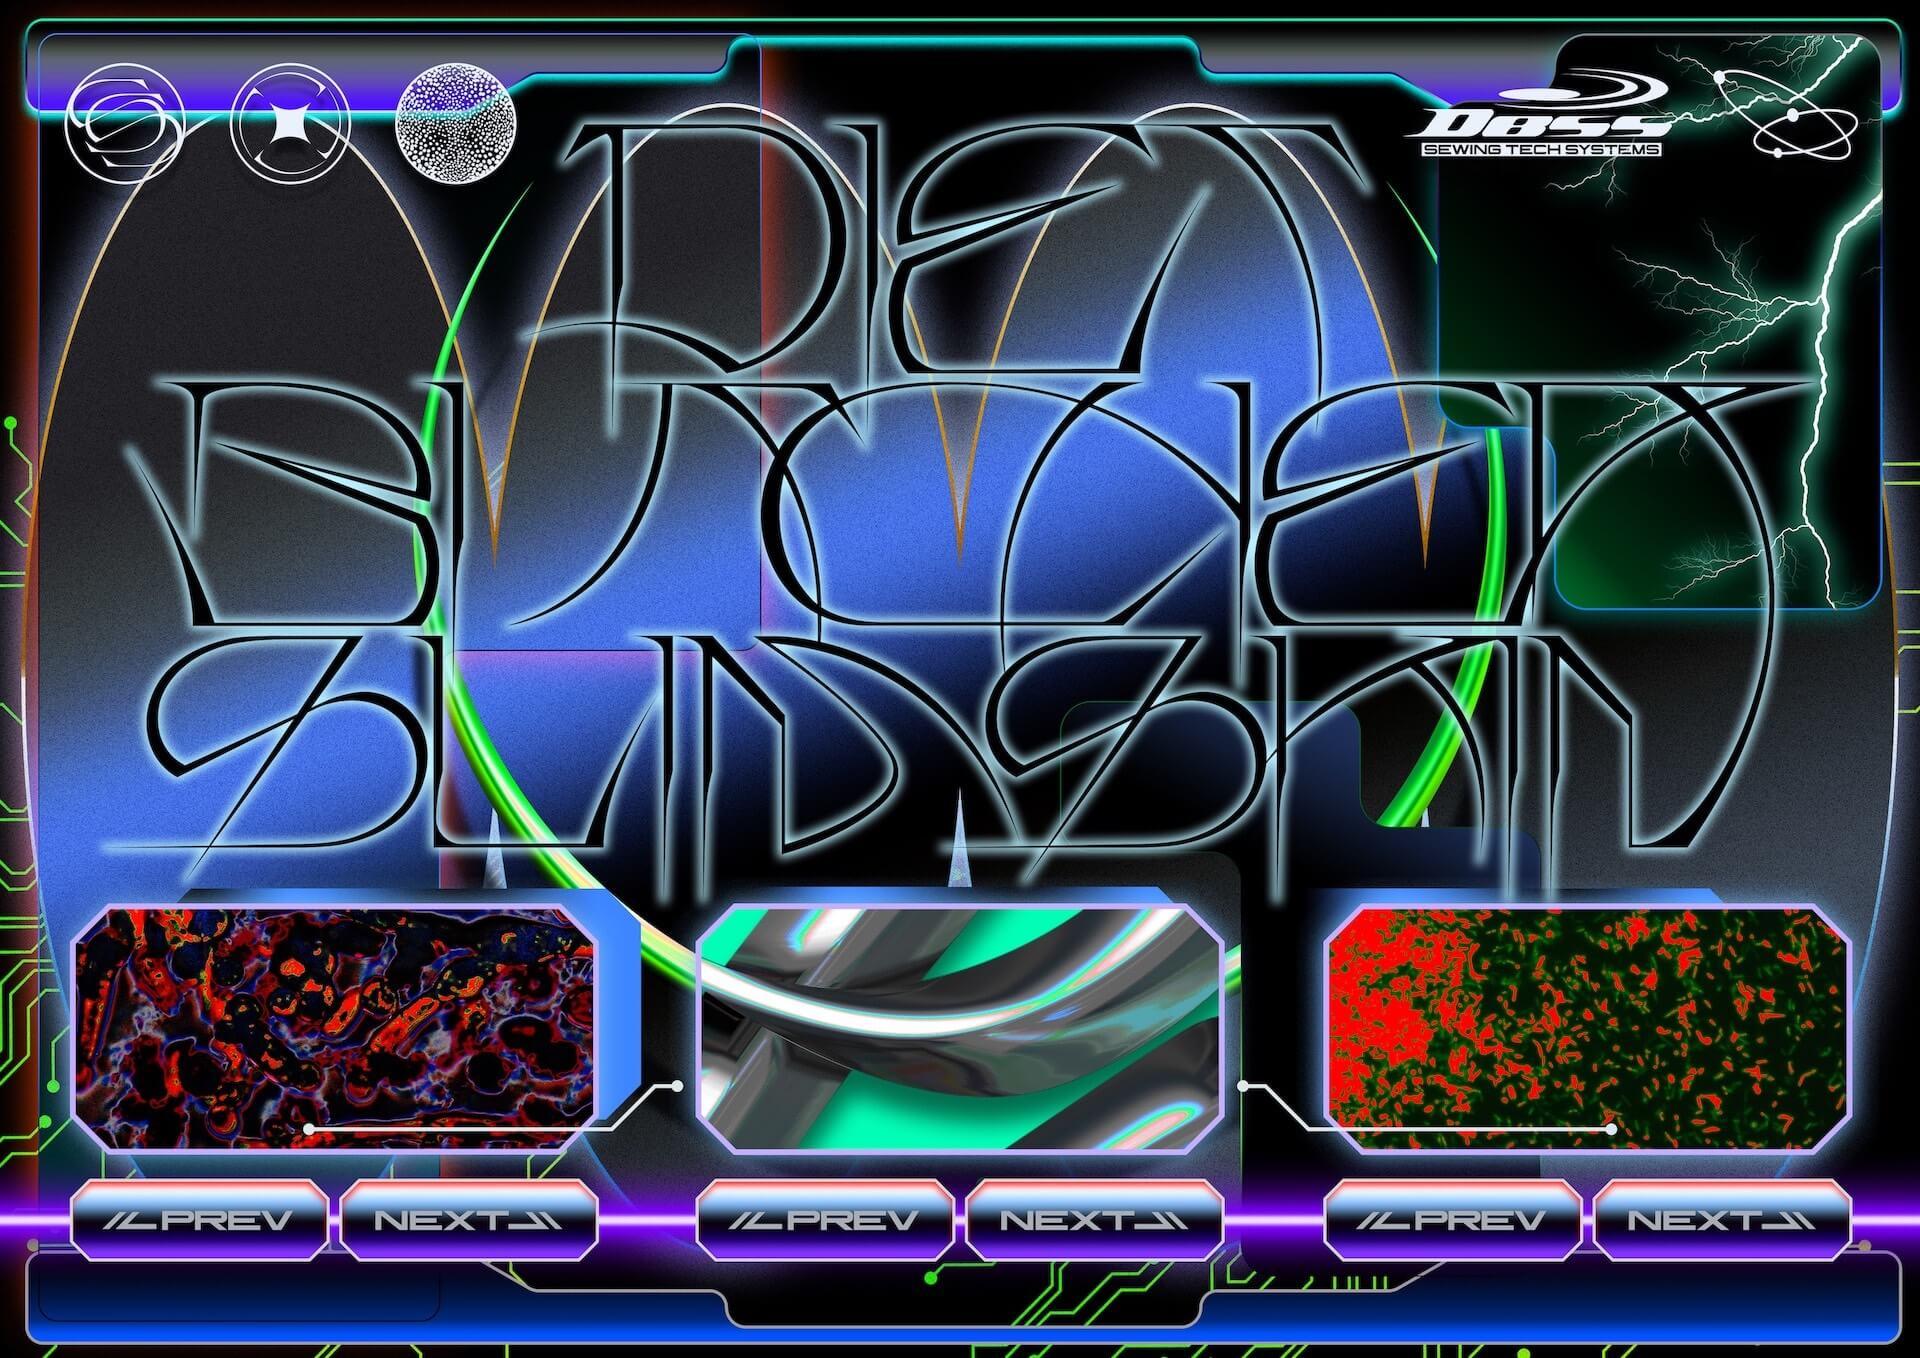 河村康輔、GUCCIMAZEの作品が服に!「DIET BUTCHER SLIM SKIN」20S/Sコレクションにてコラボアイテムがリリース lf200226_dietbutcherslimskin_05